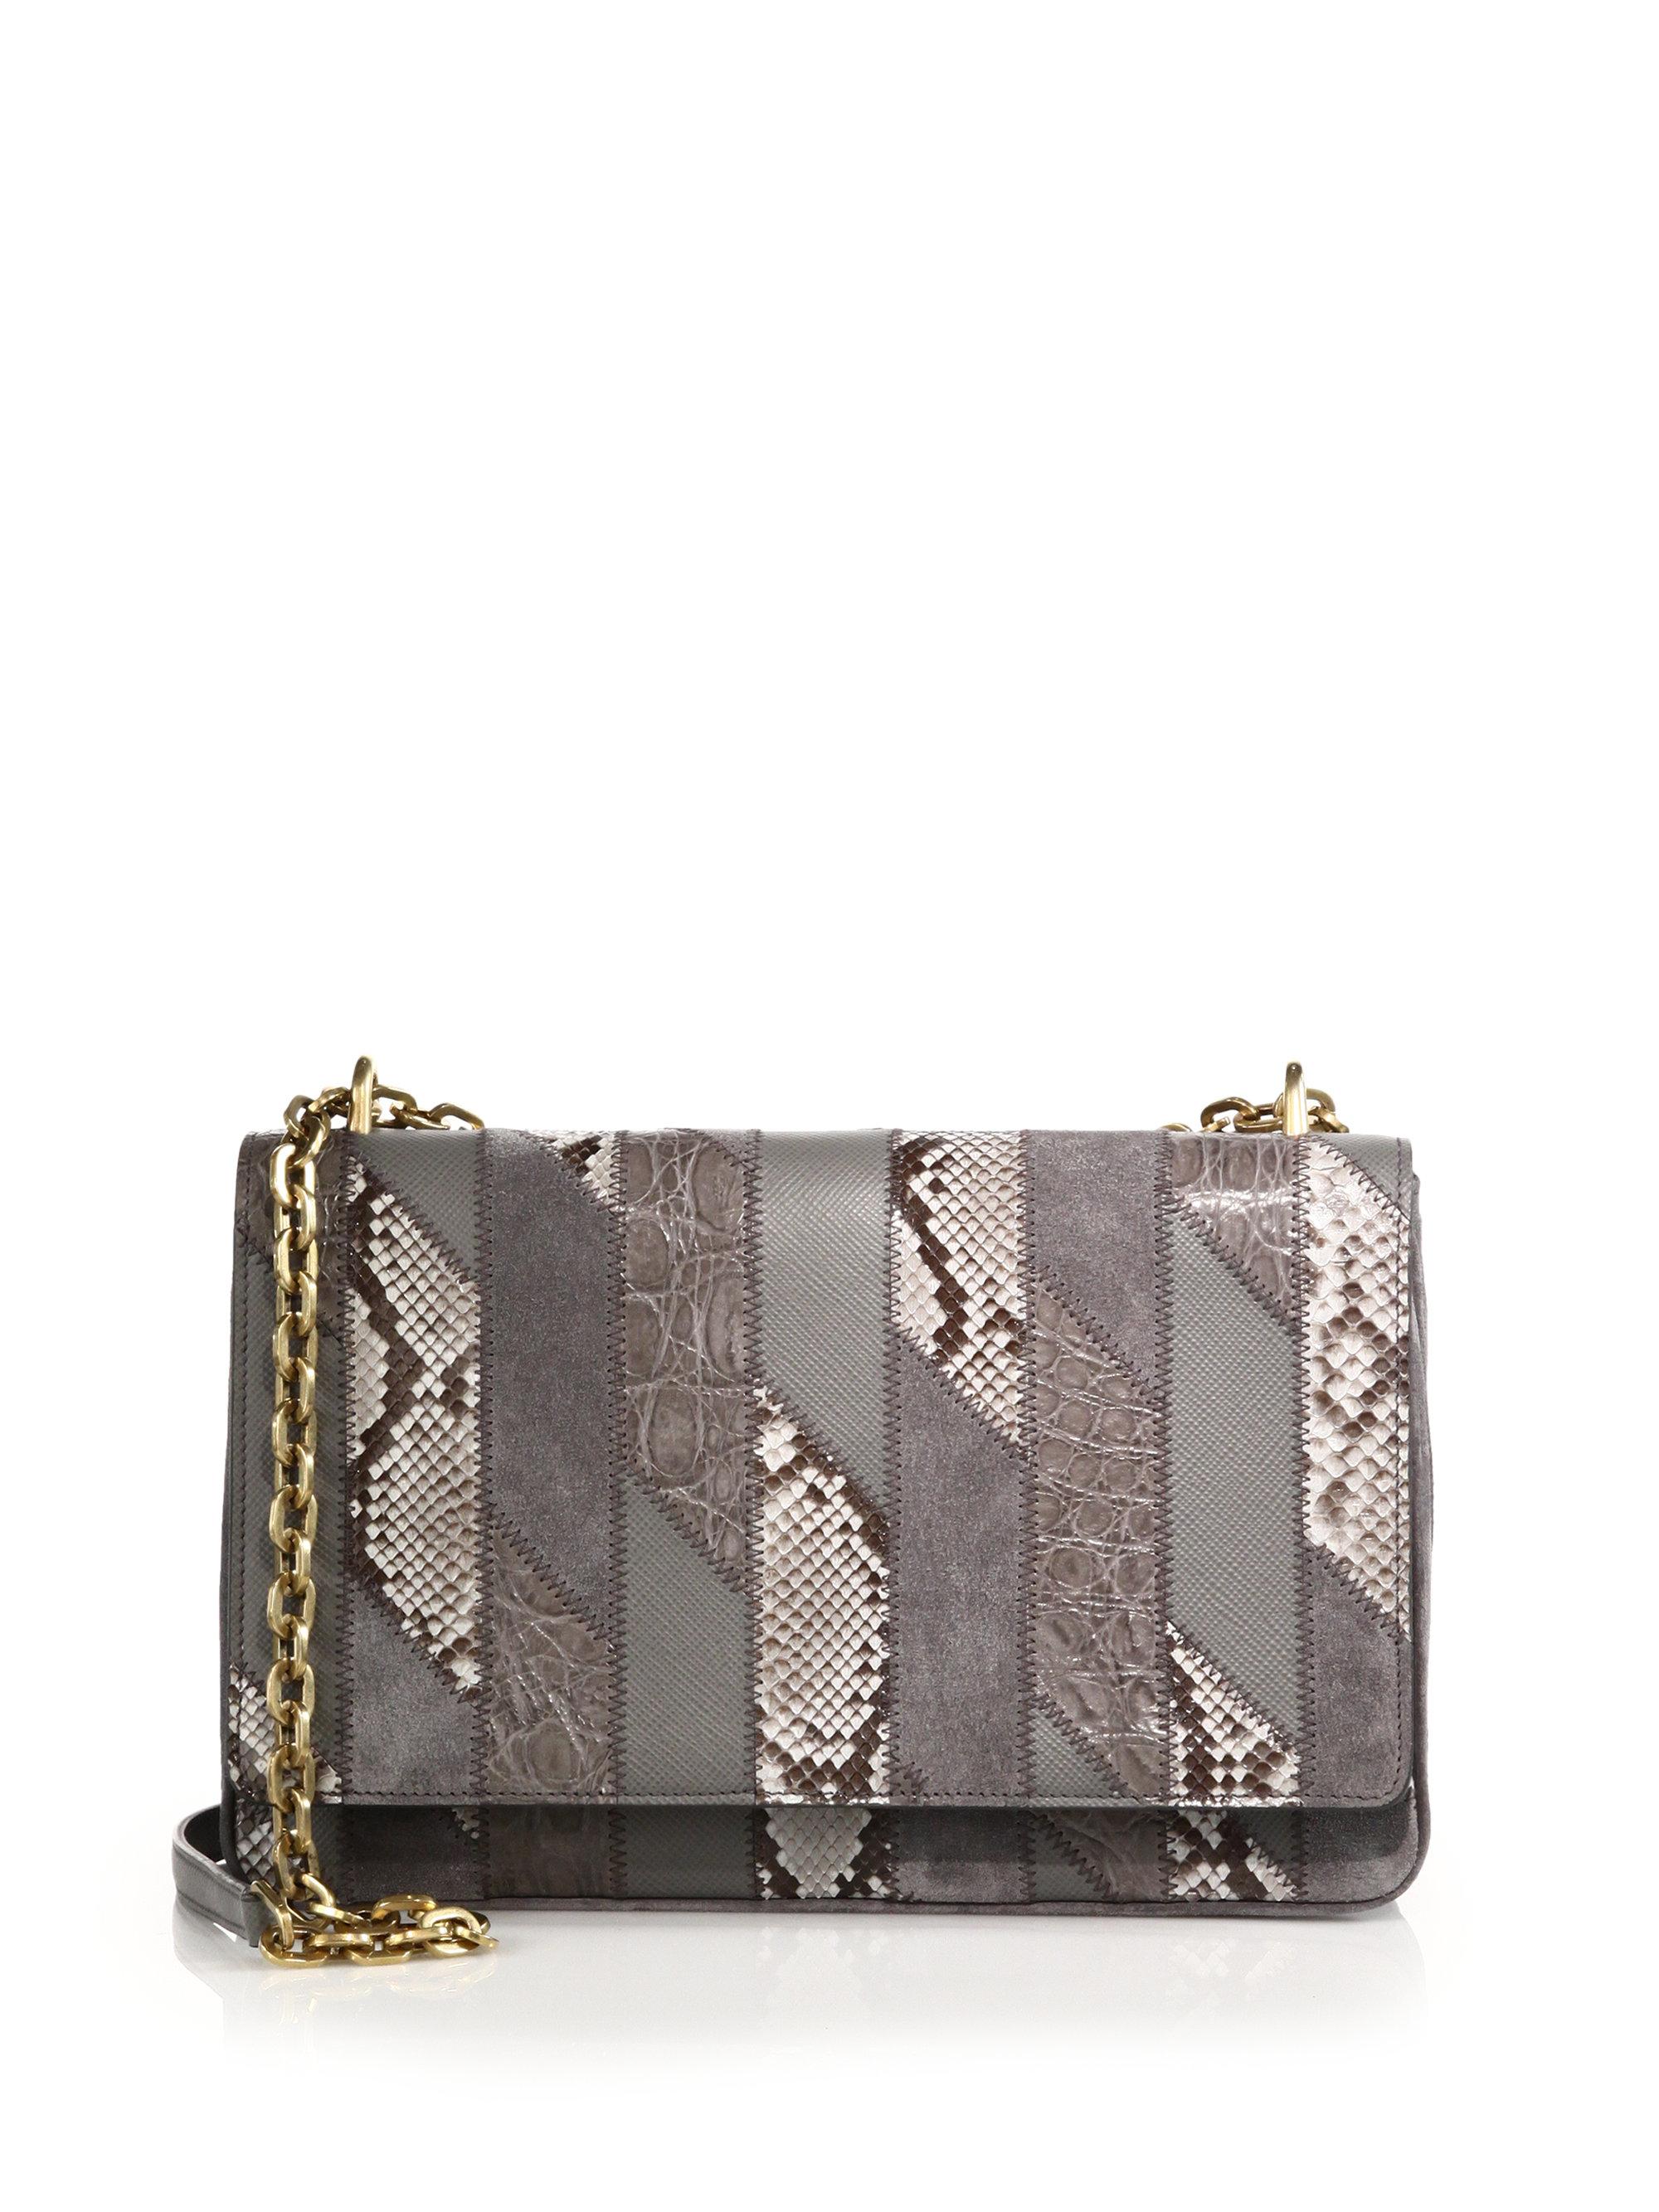 prada fringe clutch - Prada Patch Shoulder Bag in Animal (grey) | Lyst